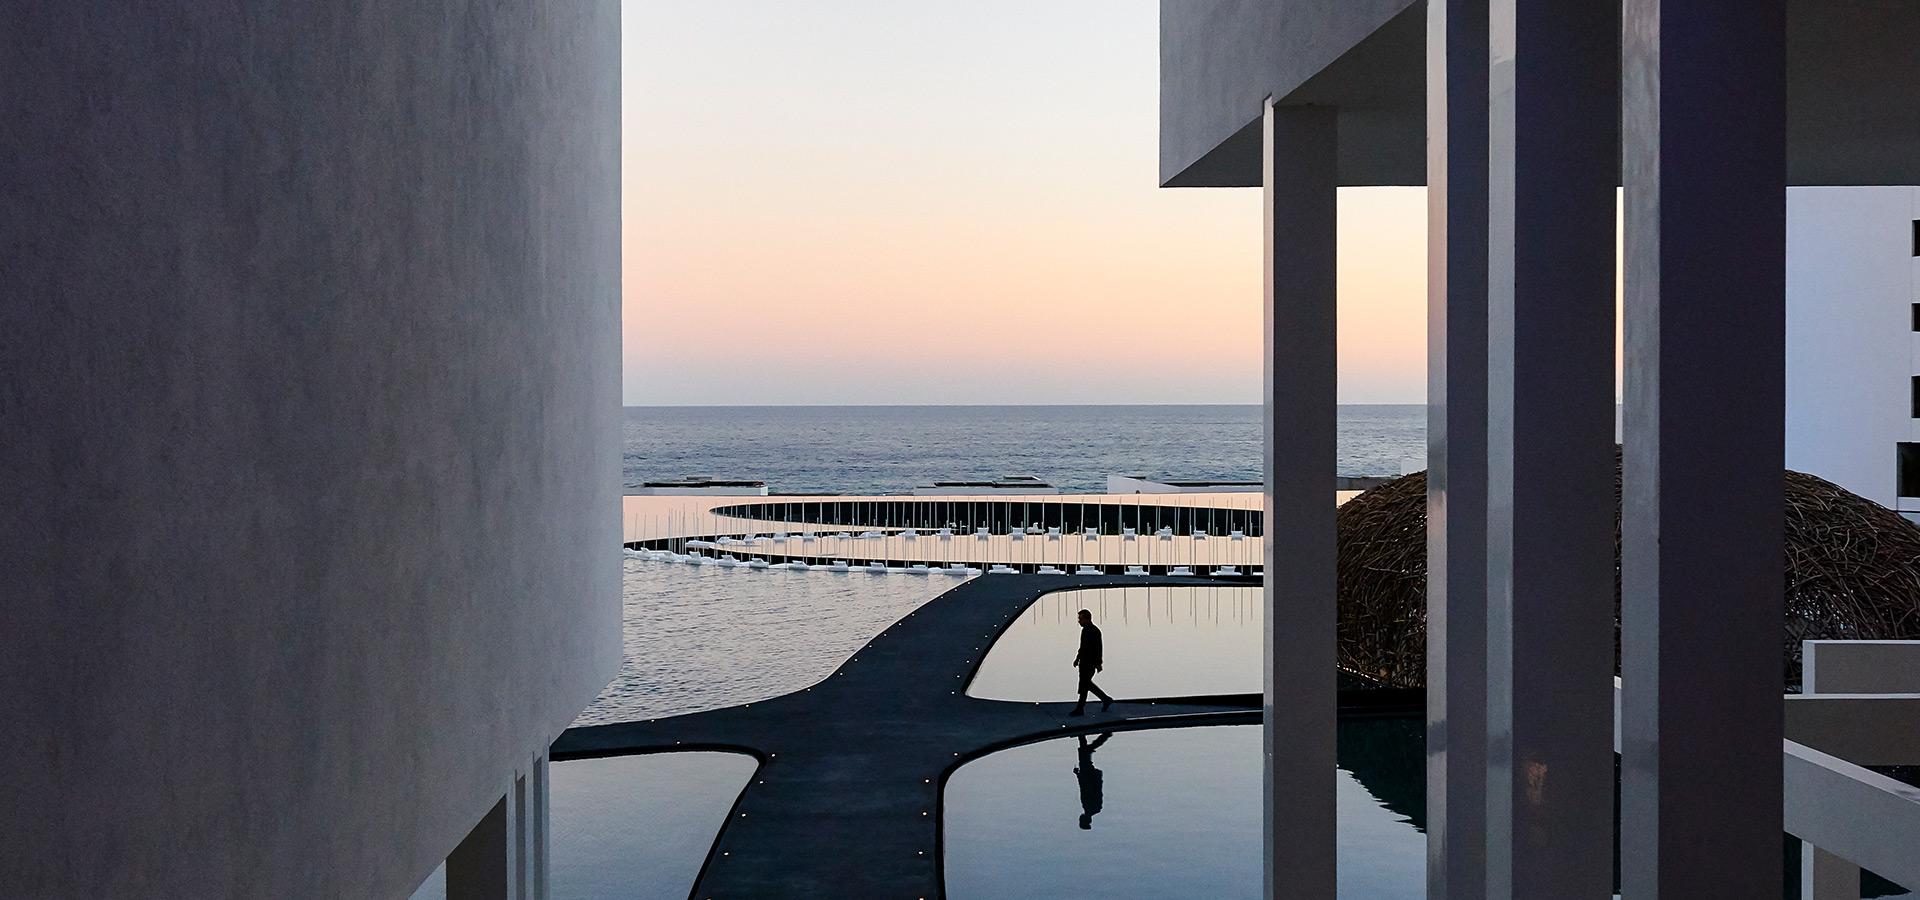 mar-adento-hotel_14miguel-aragones